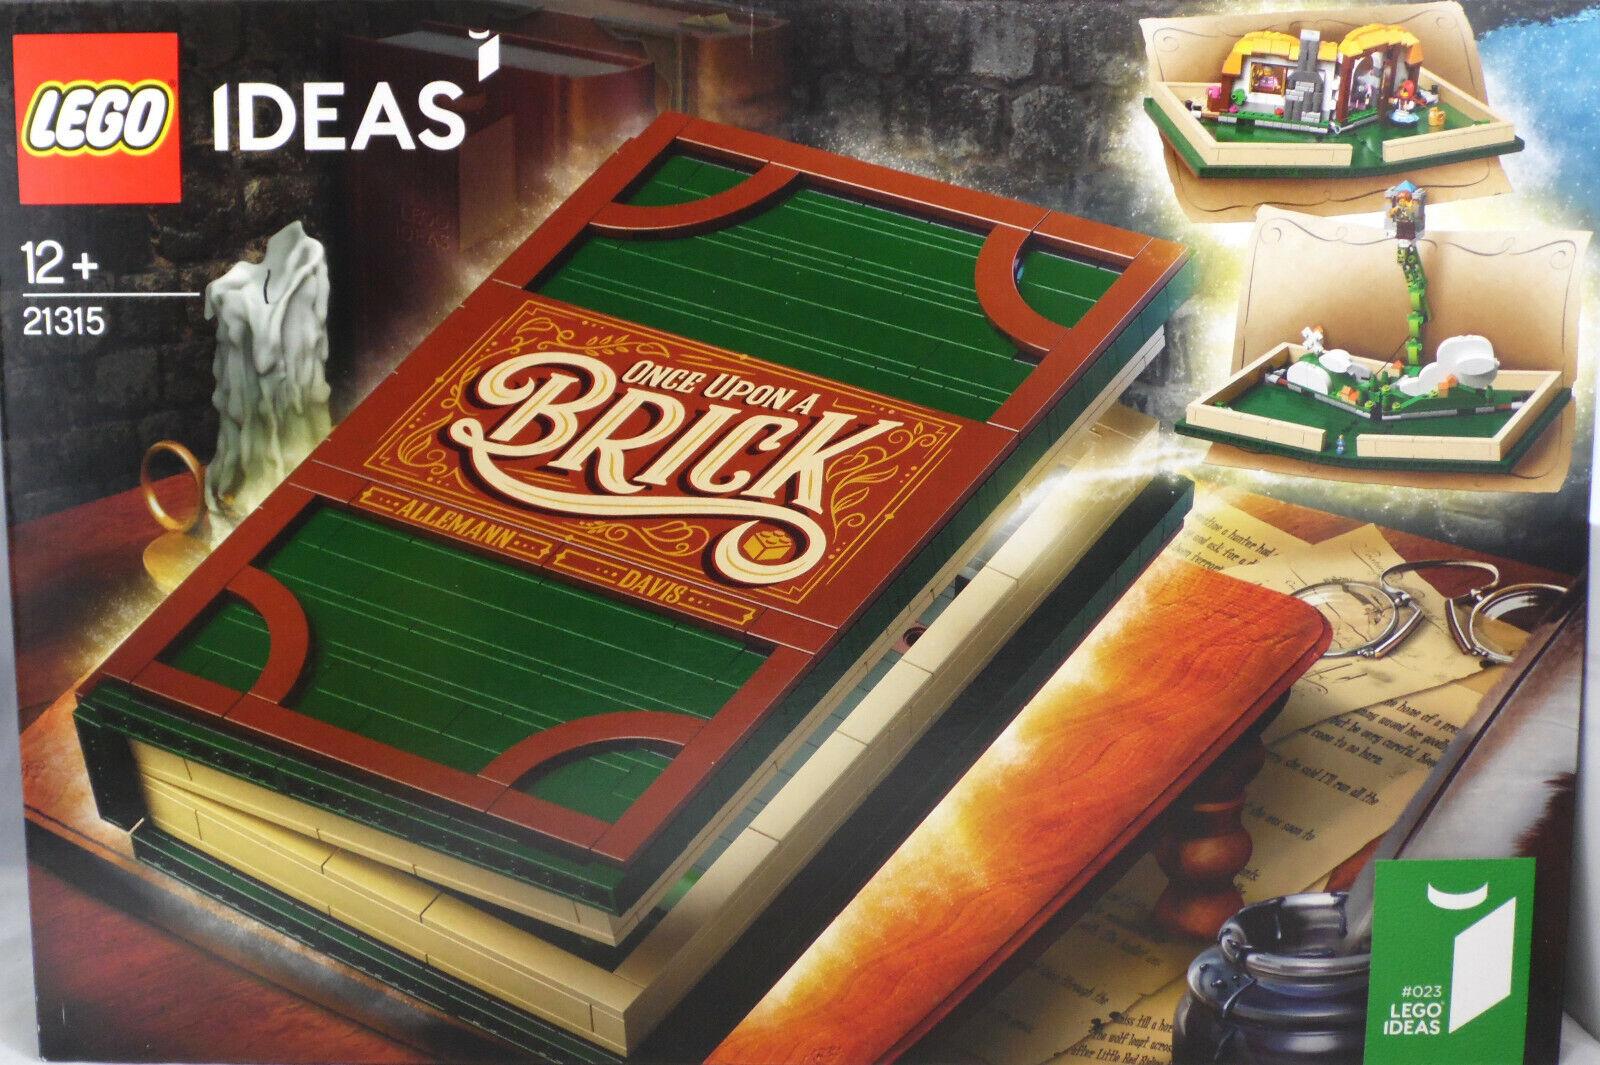 Lego ideas 21315 pop-up-libro cuentos de hadas rojokäpchen, Hans y los frijoles recién